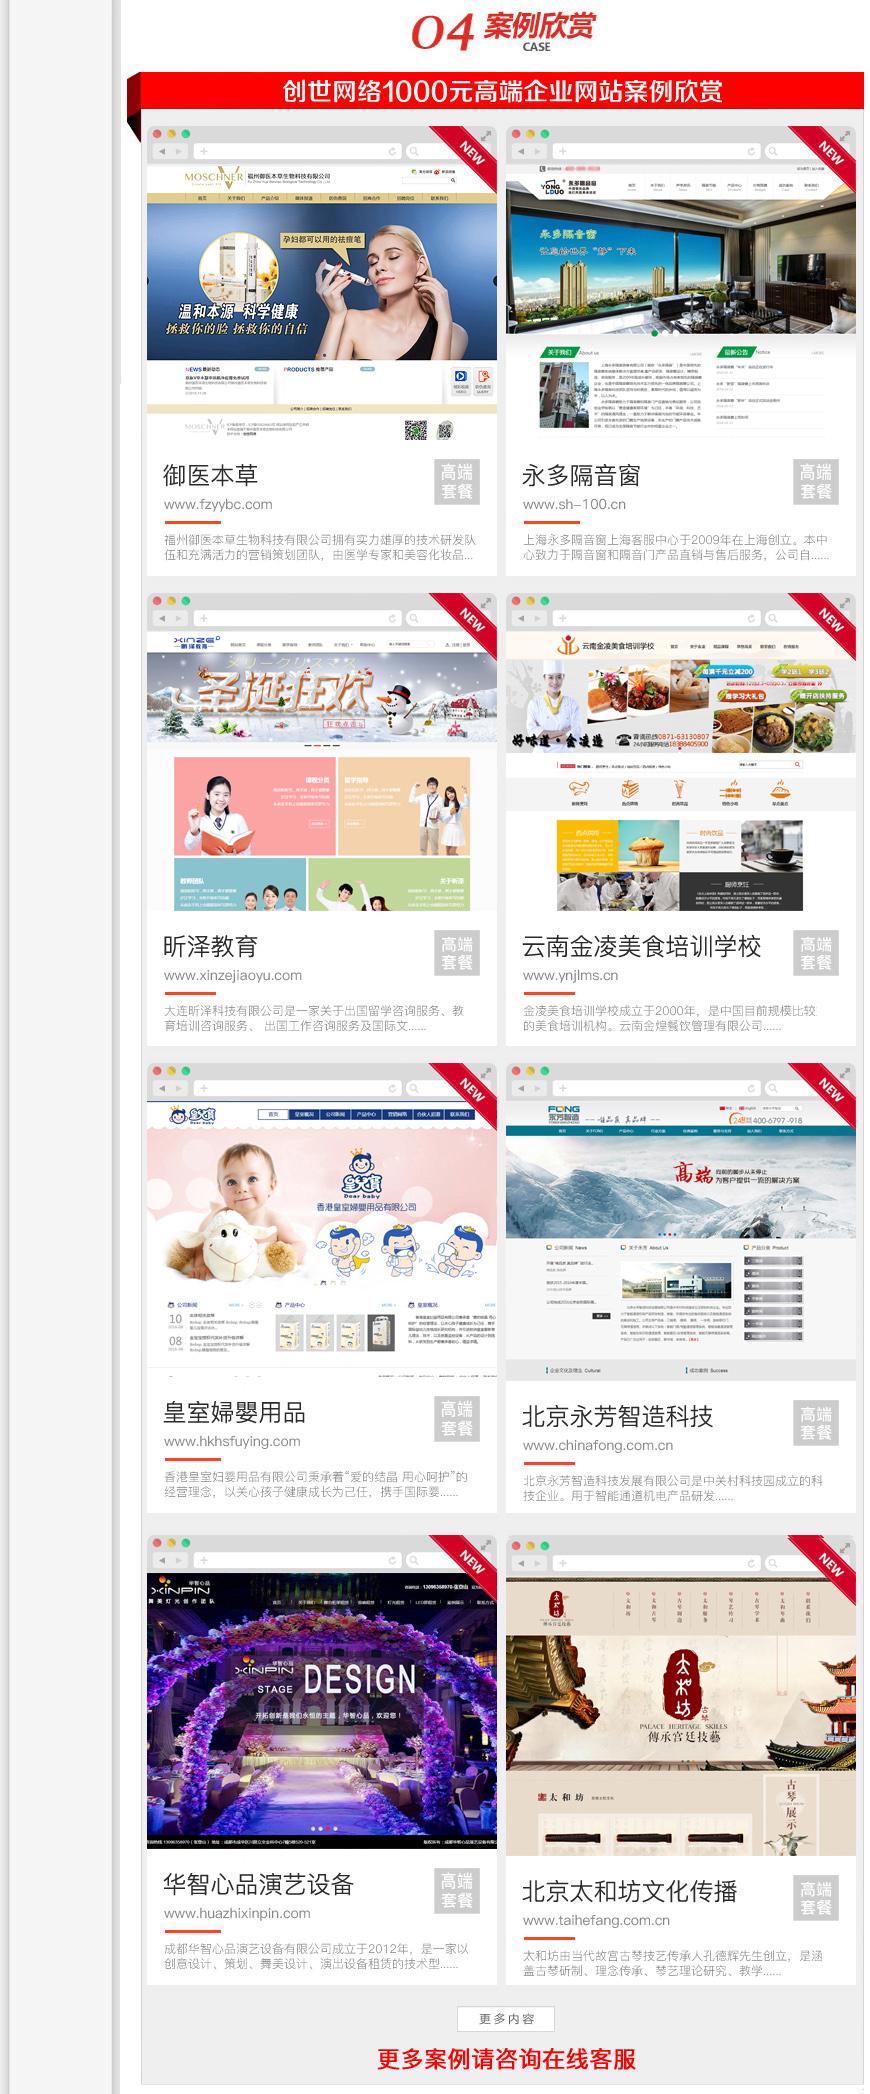 企业网站_【企业网站建设】网站制作 网站开发定制 网页设计  网站仿站6